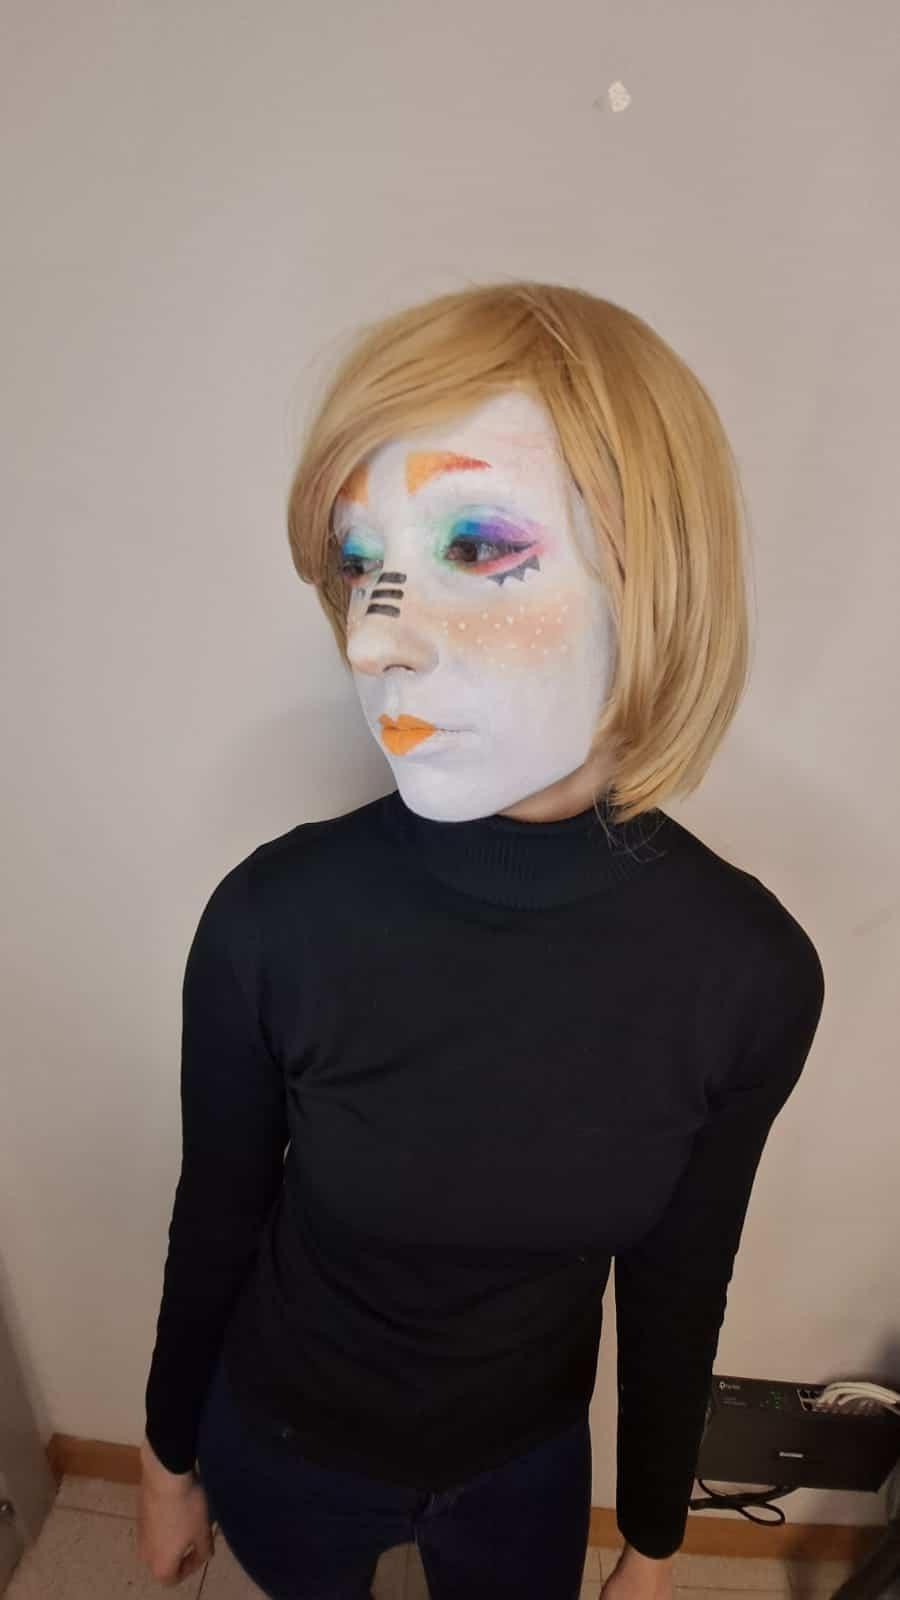 El alumnado de Animación pone en práctica sus destrezas creativas con el maquillaje de personajes